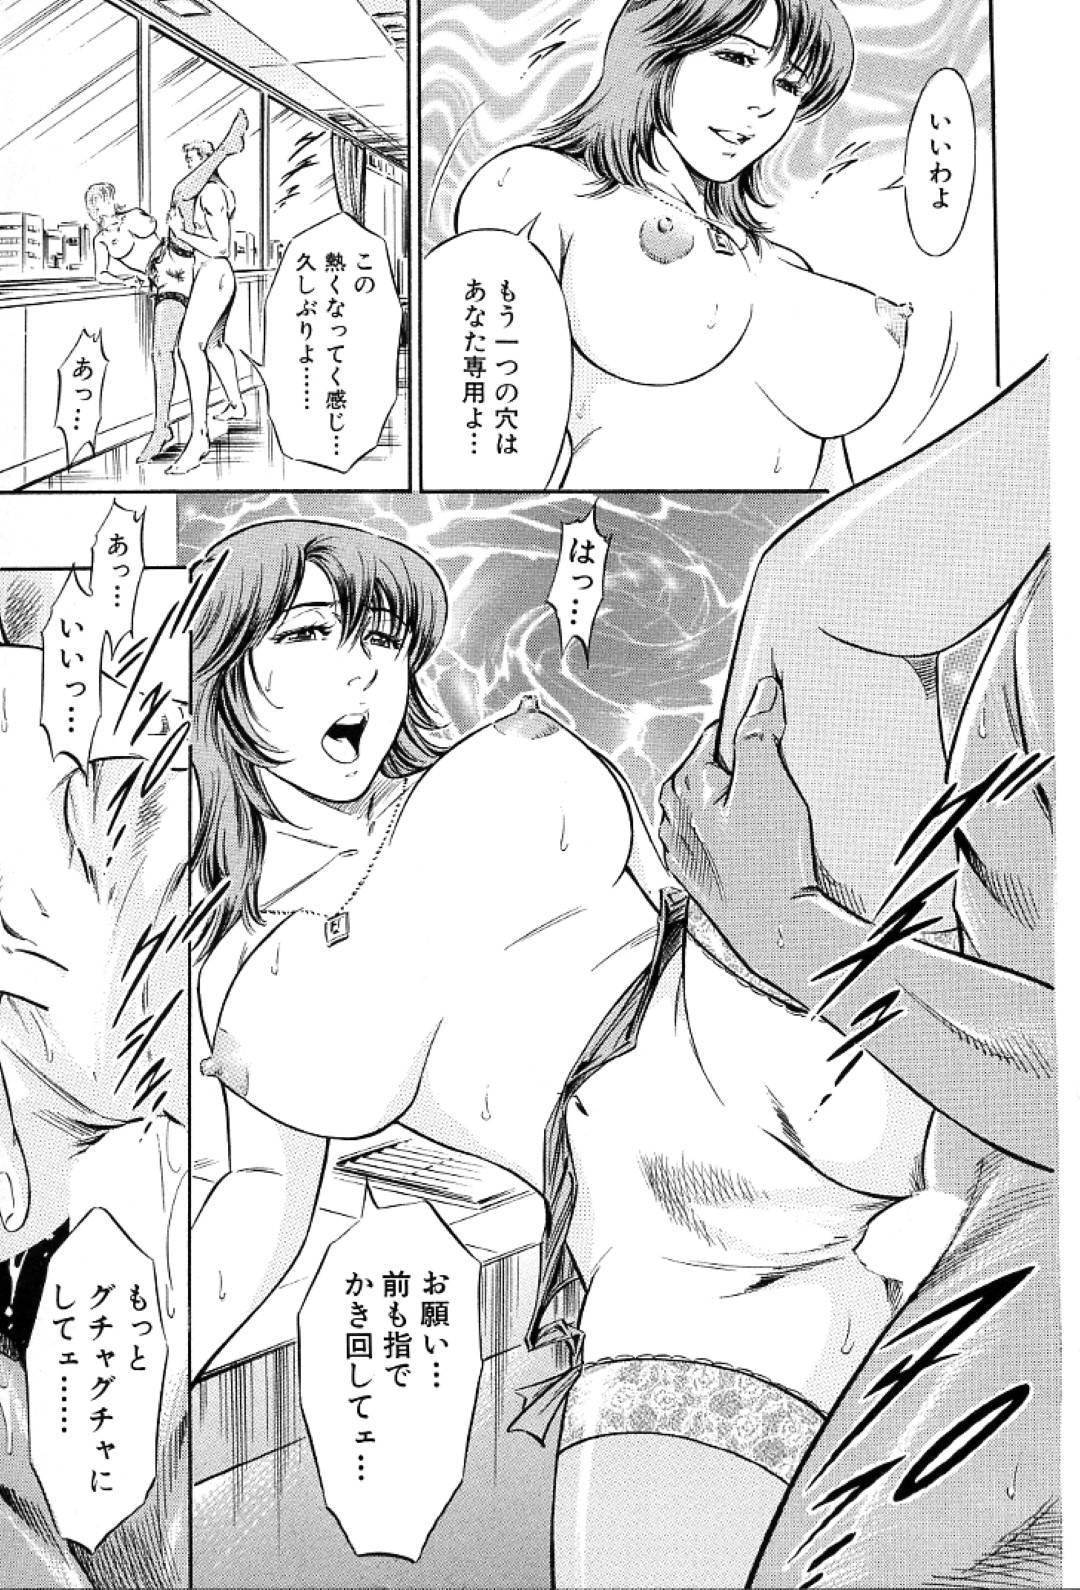 【エロ漫画】海外から帰ってきた元カレと久々に再開した巨乳OLお姉さん。彼氏と別れた事もあって彼とエッチな展開になった彼女は彼を誰もいない部屋へと誘って会社でセックスしてしまう。